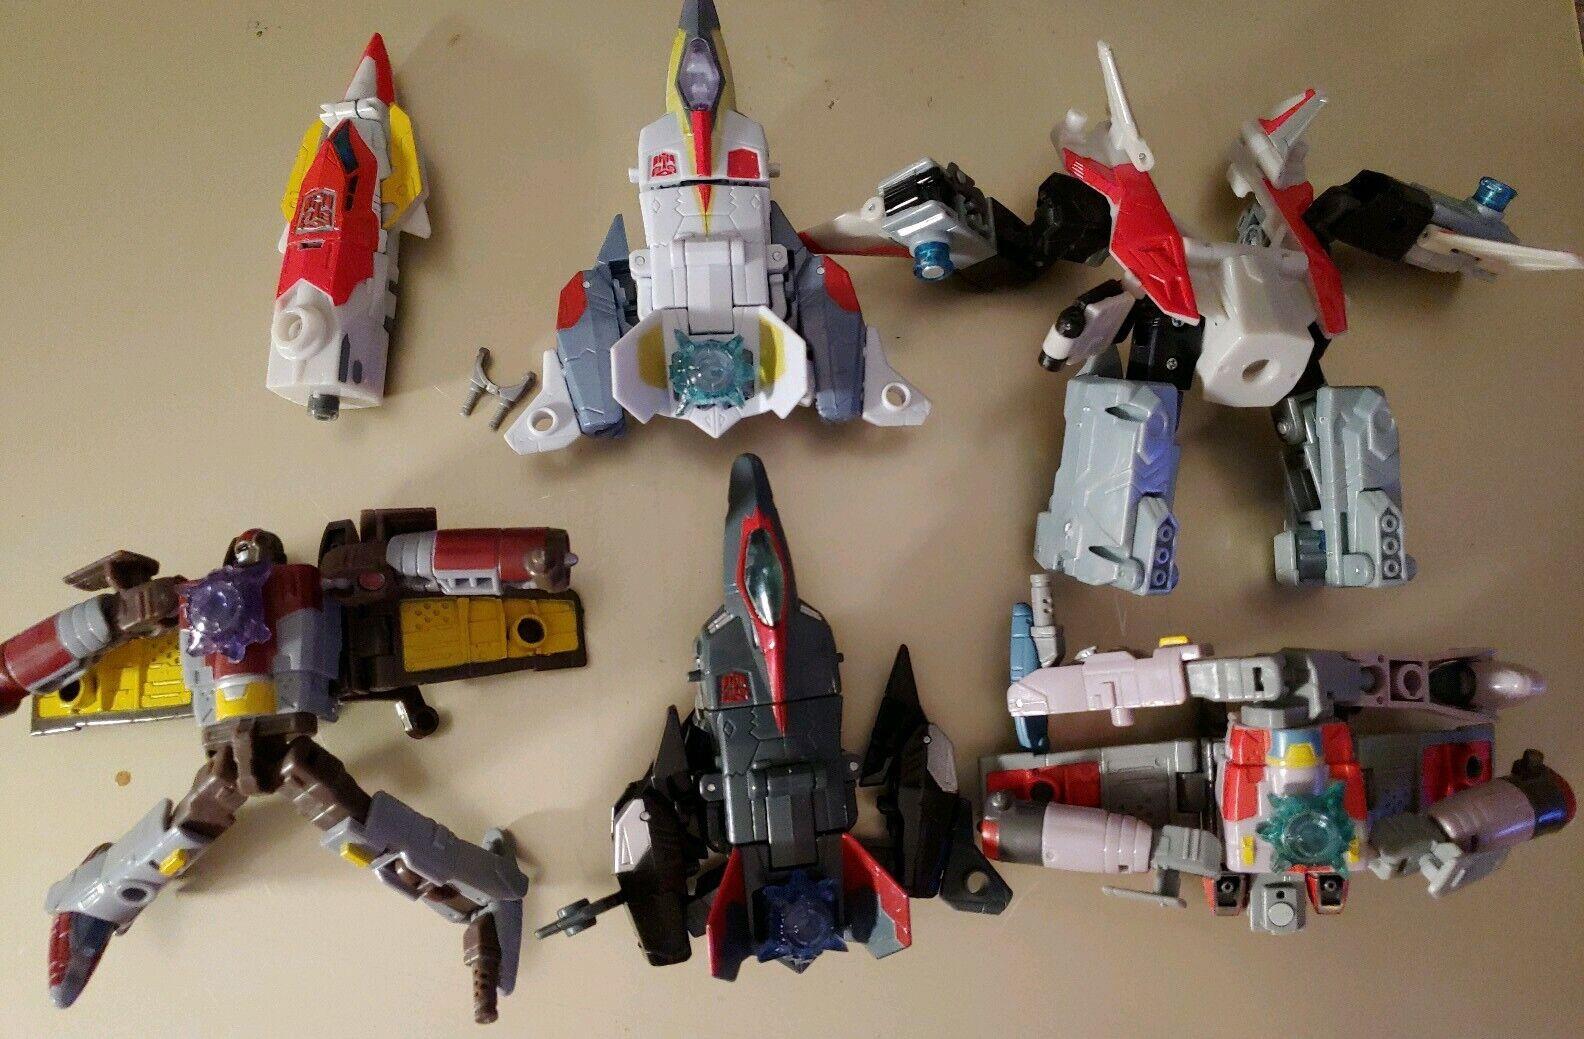 garantía de crédito Transformers Transformers Transformers la venganza de los caídos súperion Autobot, targer Exclusivo Hasbro 2008  envío rápido en todo el mundo